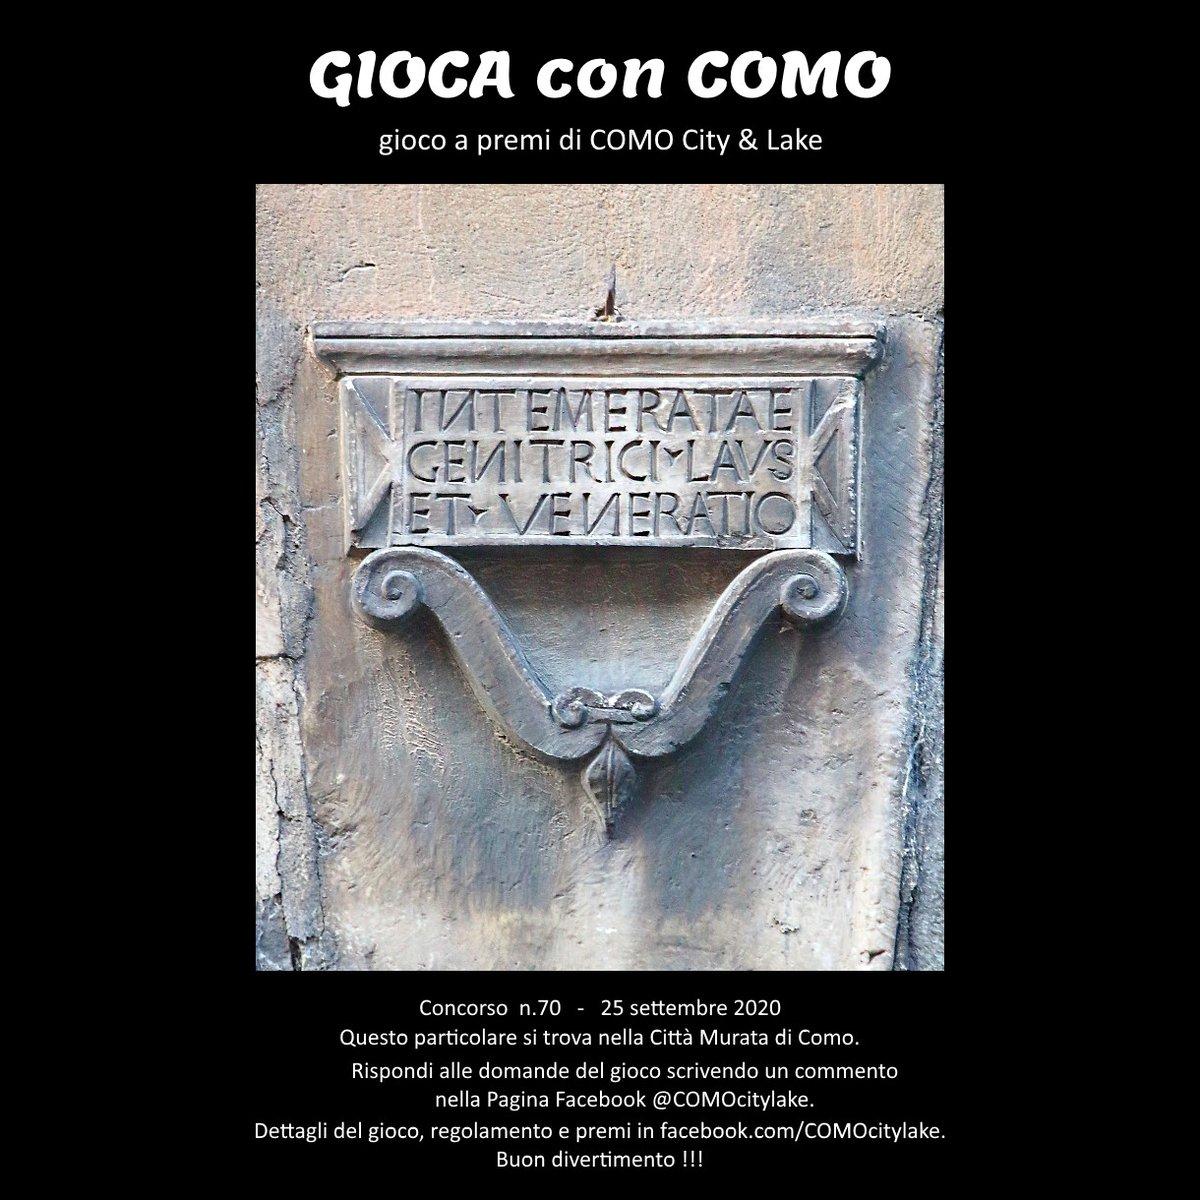 """""""GIOCA con COMO"""" il gioco a premi di """"COMO City & Lake"""". Il Concorso n.70 è iniziato nella Pagina Facebook https://t.co/hAkjQWHAwd . I miei social: https://t.co/OLY3bspNyz + https://t.co/azHPsTlg4a #Como #LakeComo #ComoLake #LagodiComo #Lario https://t.co/xRkC5P1v6p"""